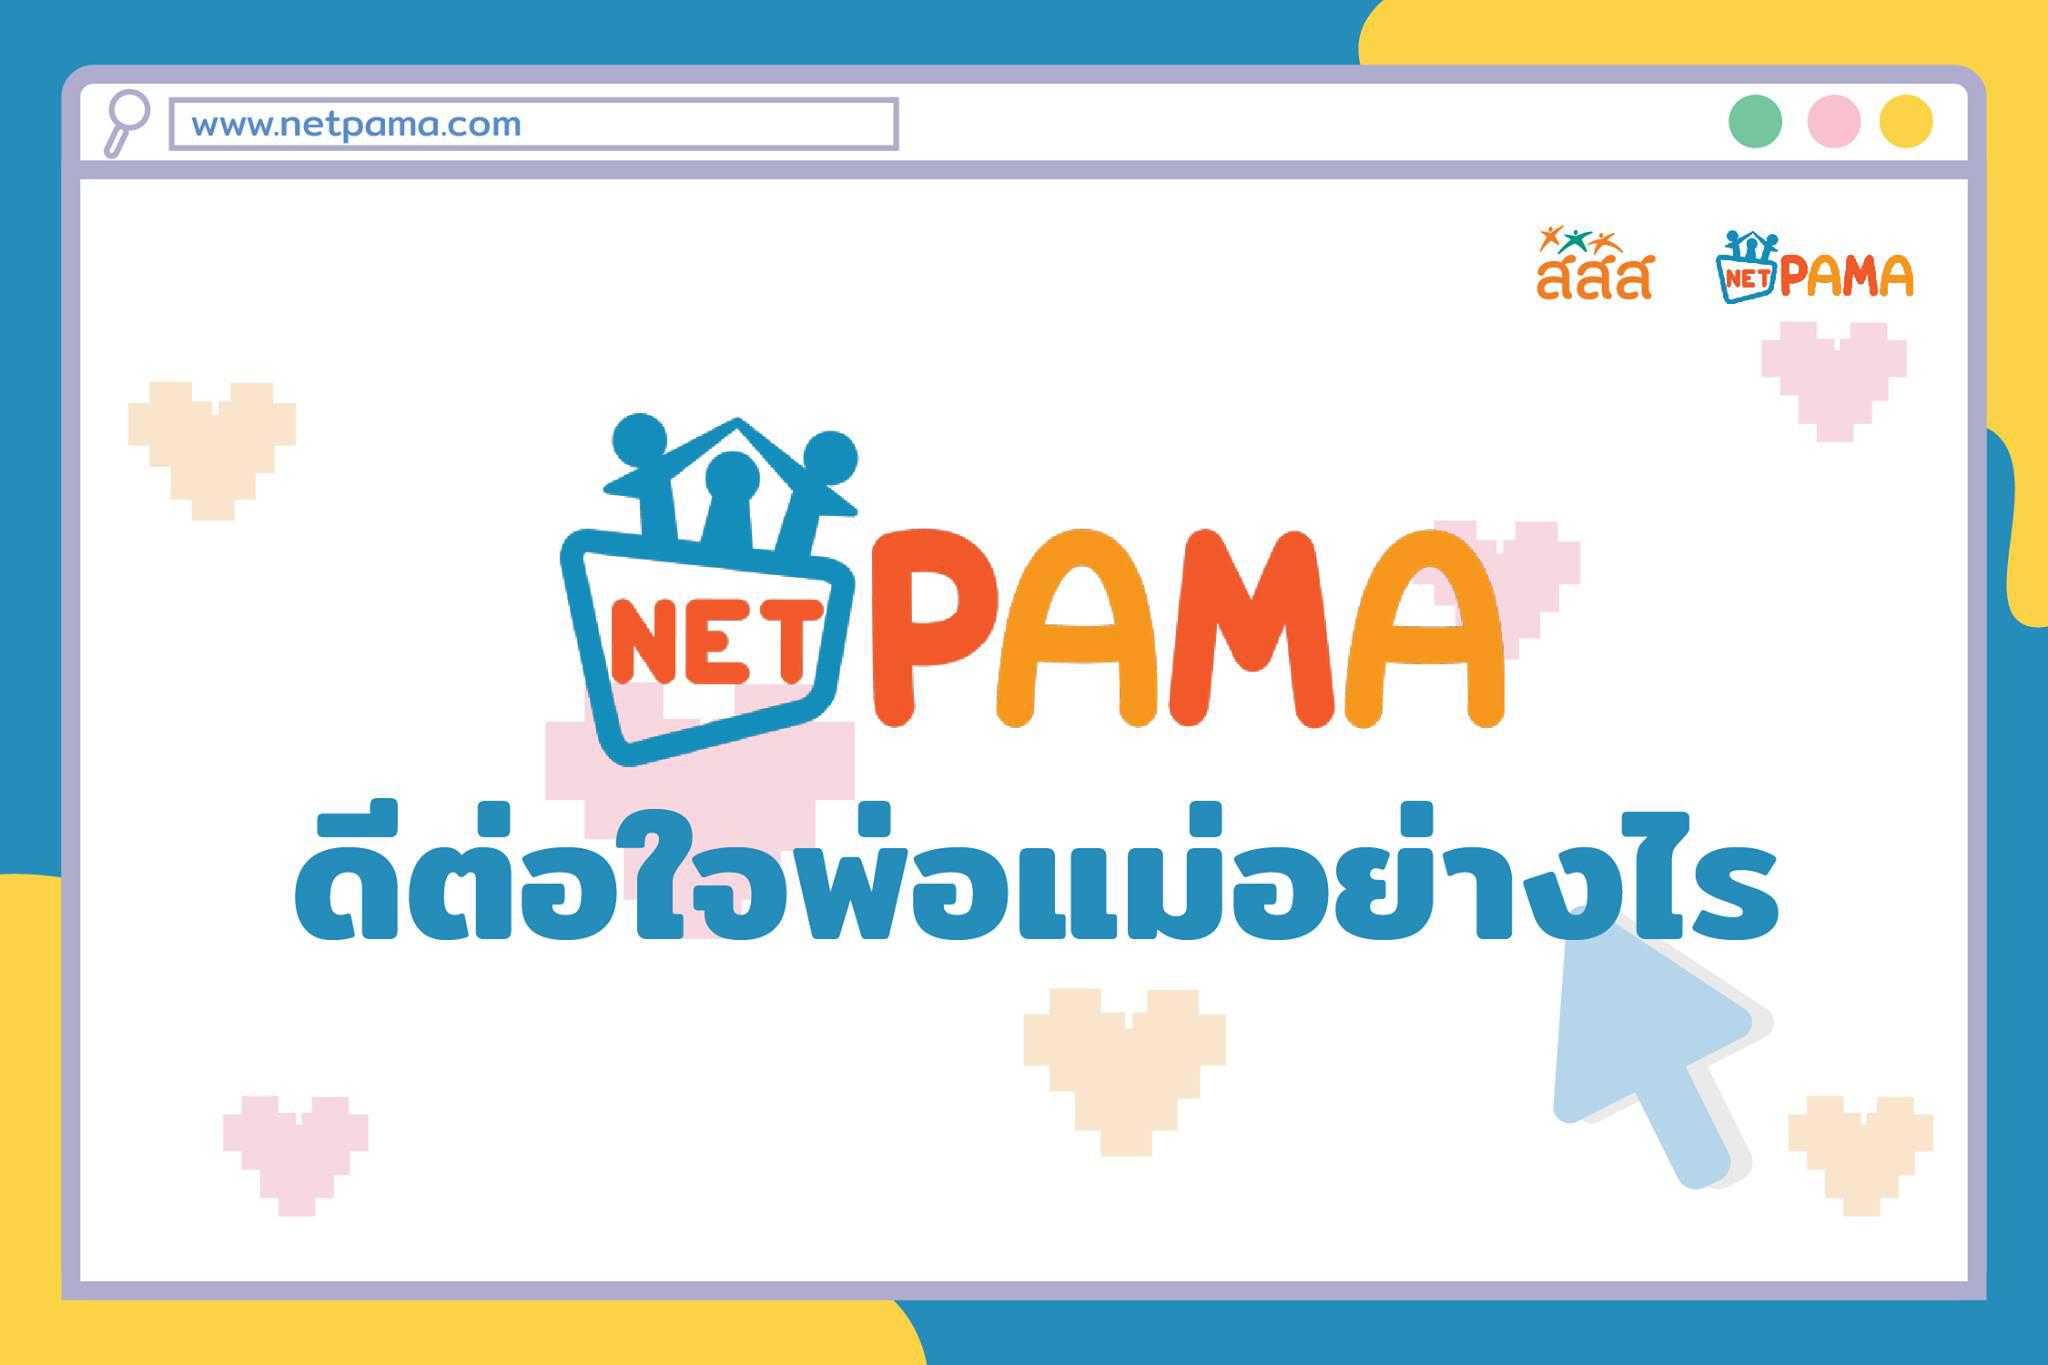 พัฒนาหลักสูตรเลี้ยงลูกออนไลน์ NET PA-MA เน็ต ป๊า-ม้า สอน 6 เทคนิคเลี้ยงลูกเชิงบวก   thaihealth